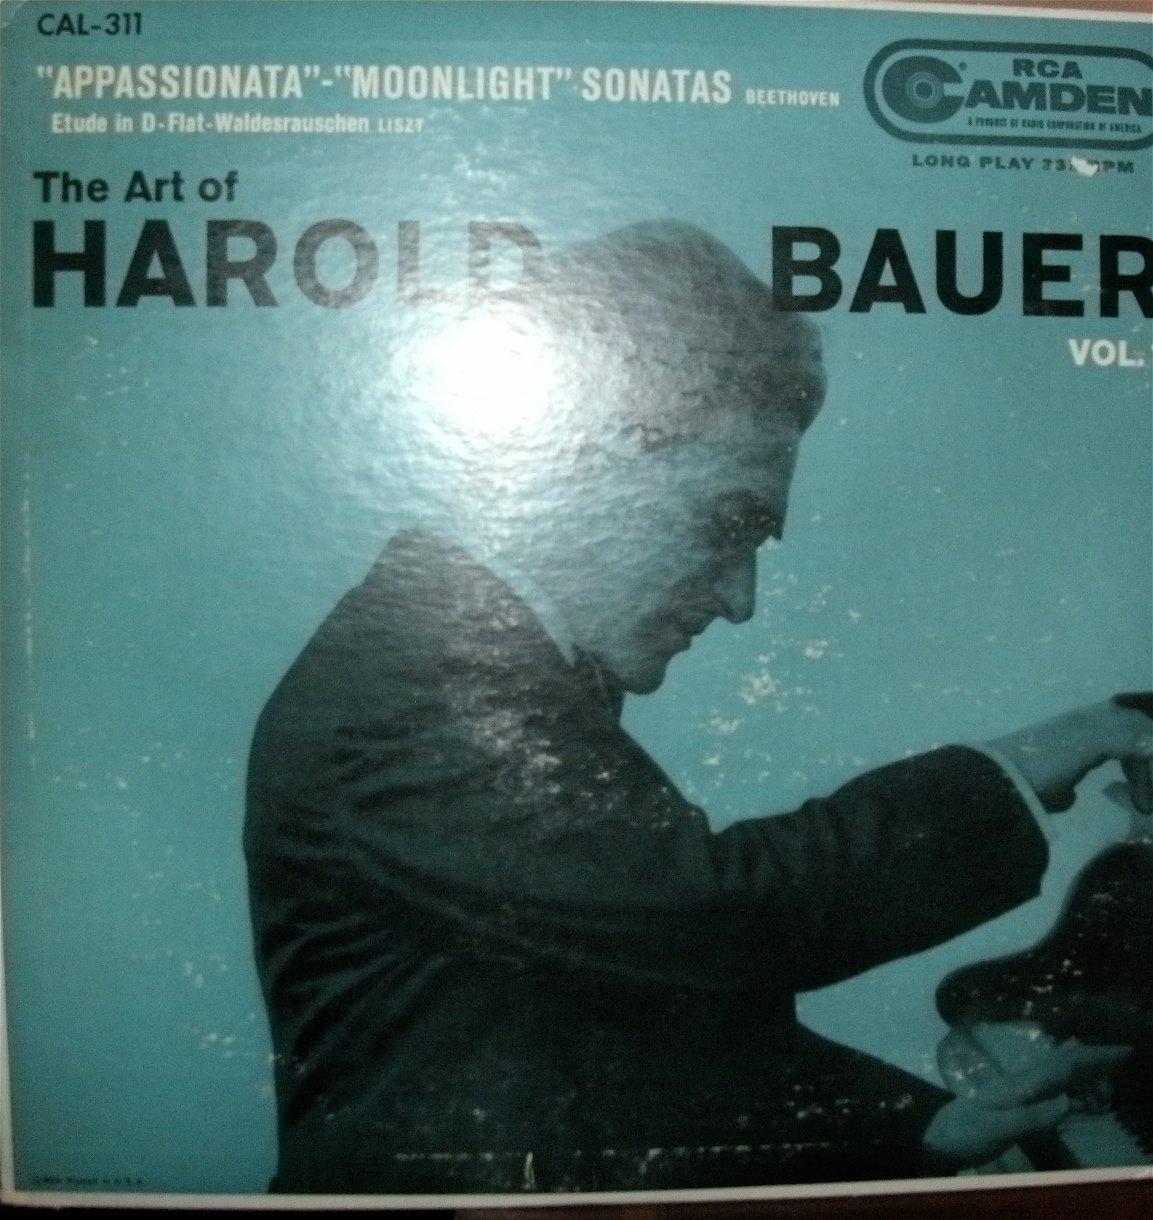 The Art of Harold Bauer Vol. 1: Beethoven ''Appassionata''- ''Moonlight'' Sonatas / Liszt: Etude D-Flat; RCA Camden LP Vinyl Record CAL-311